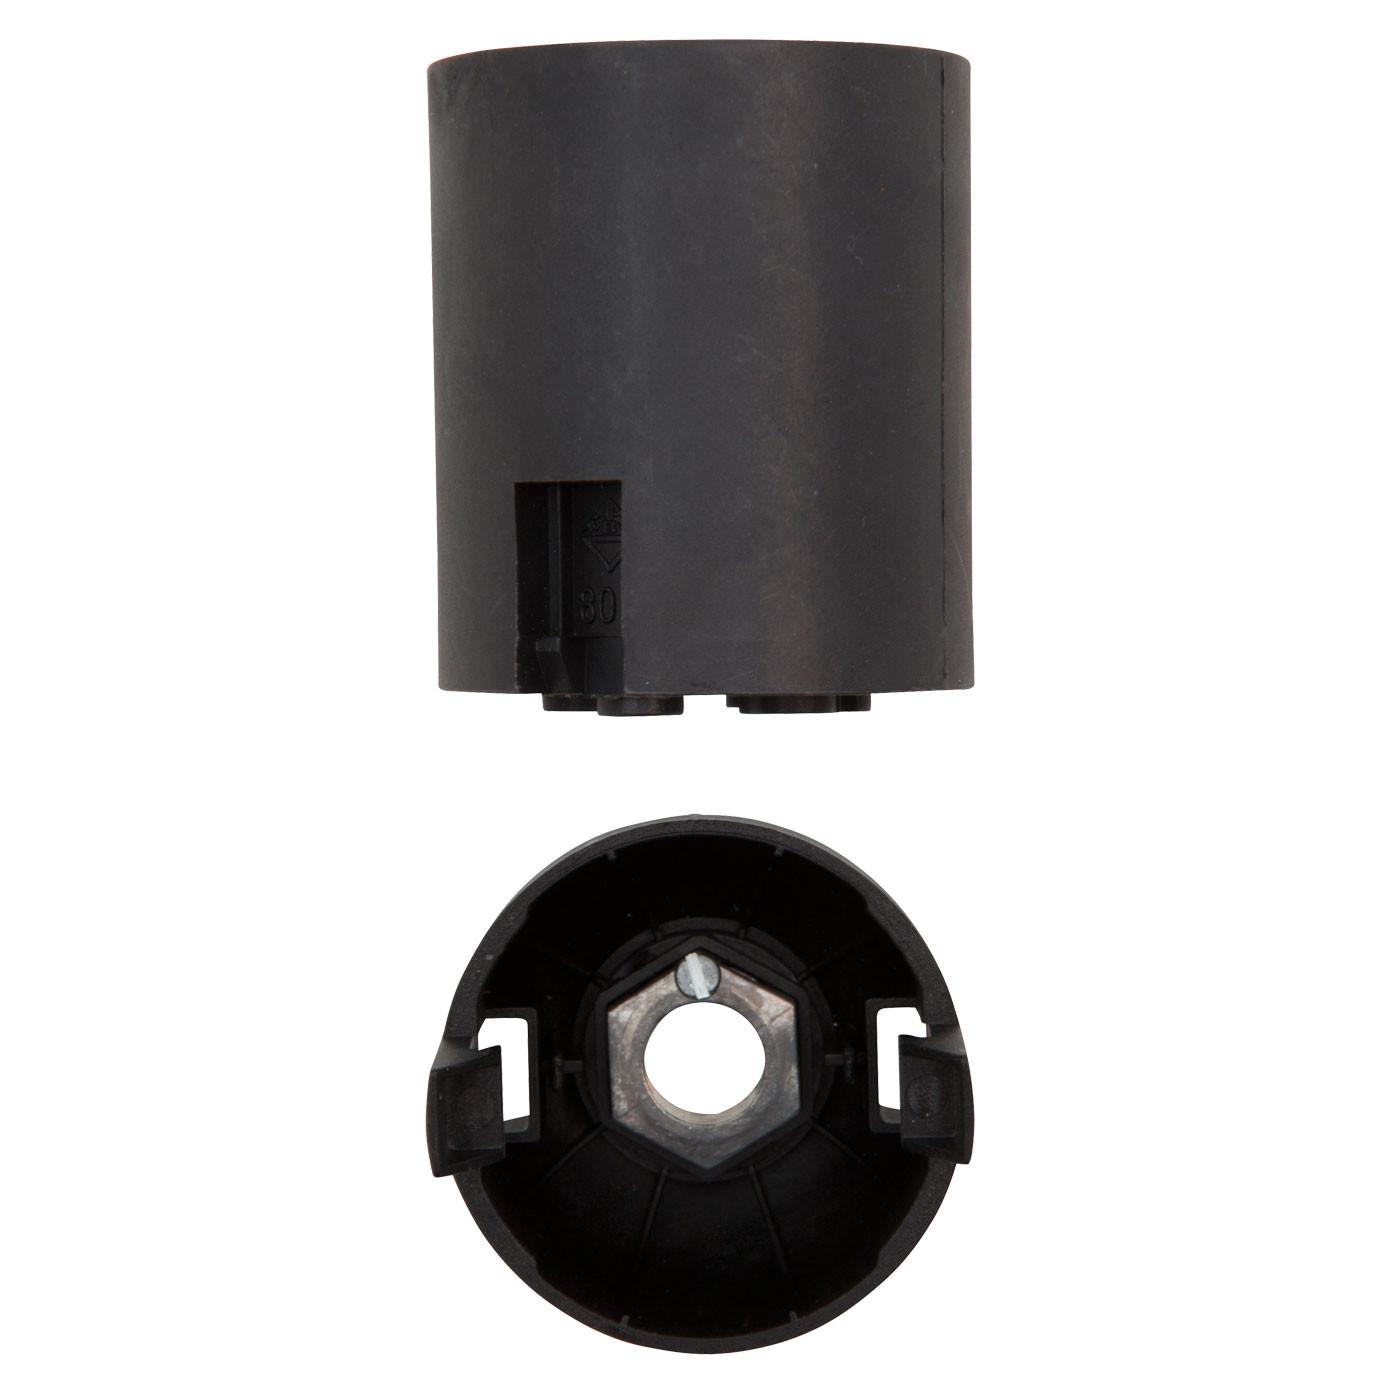 Flos Ersatzteile für Glo-Ball C1